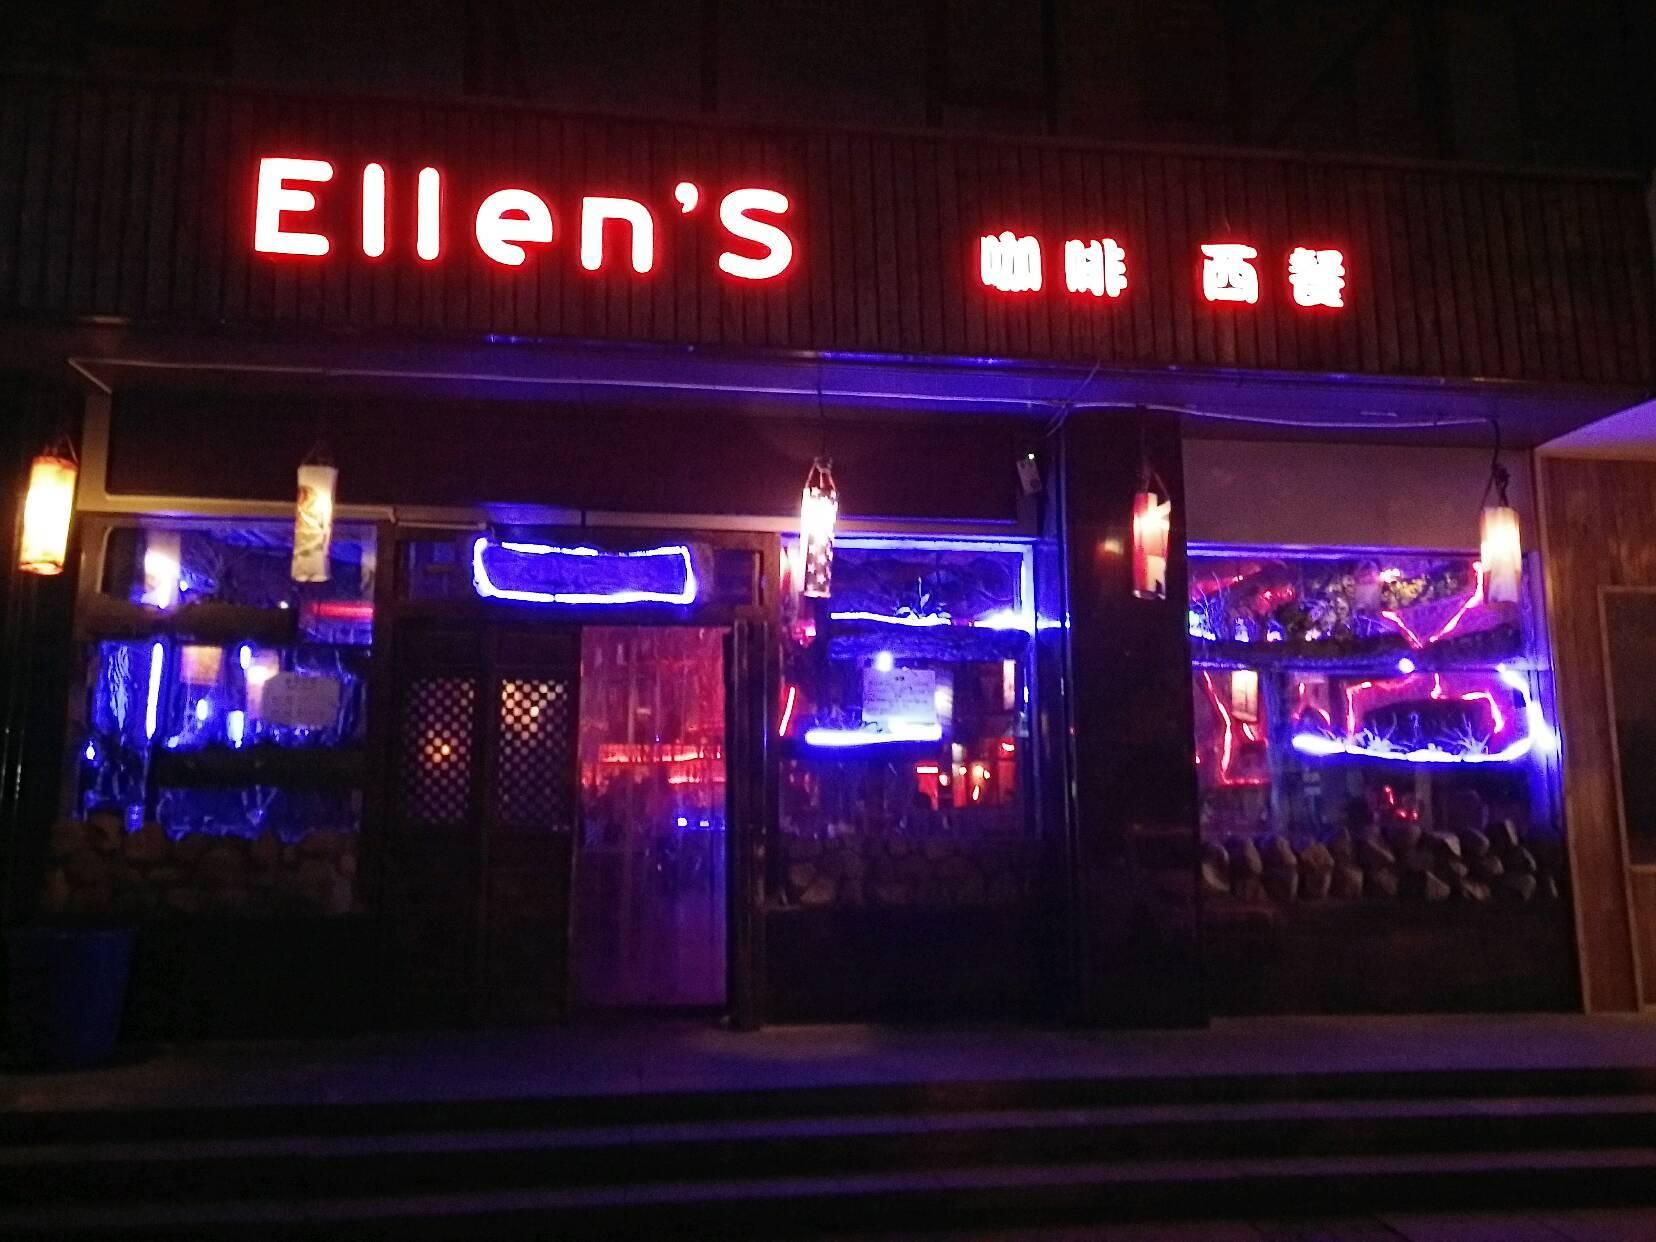 Ellen's西餐吧